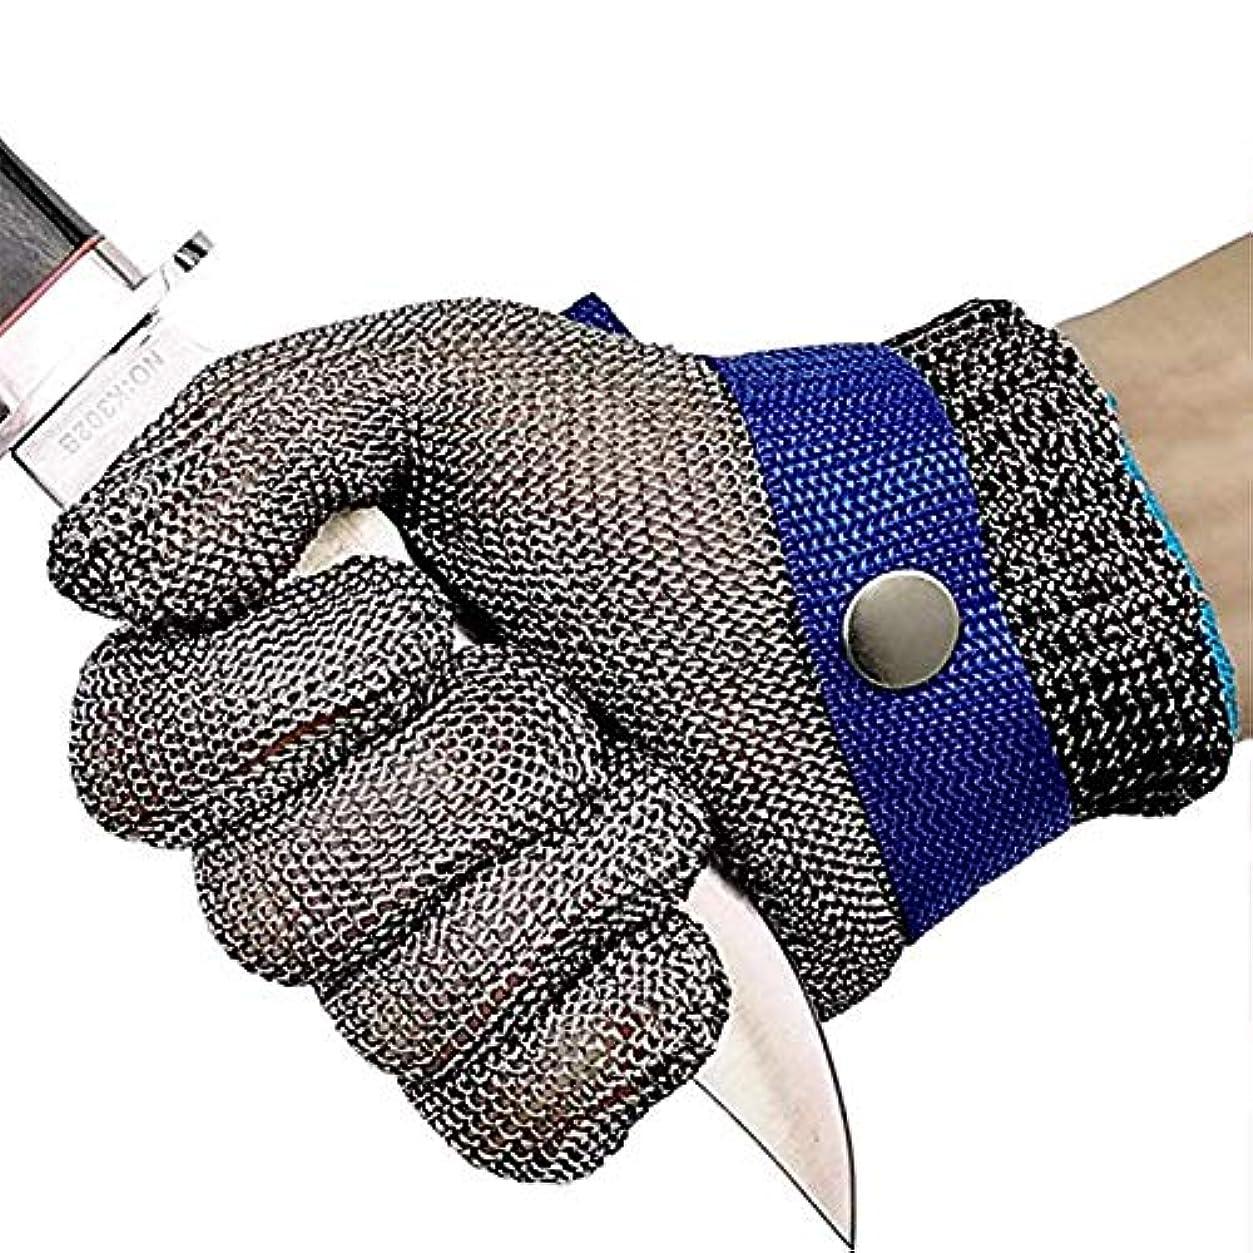 簿記係補正パイプ切削用耐切断性手袋ステンレス鋼線メタルメッシュブッチャー安全作業手袋、スライスチョッピングとピーリング,L